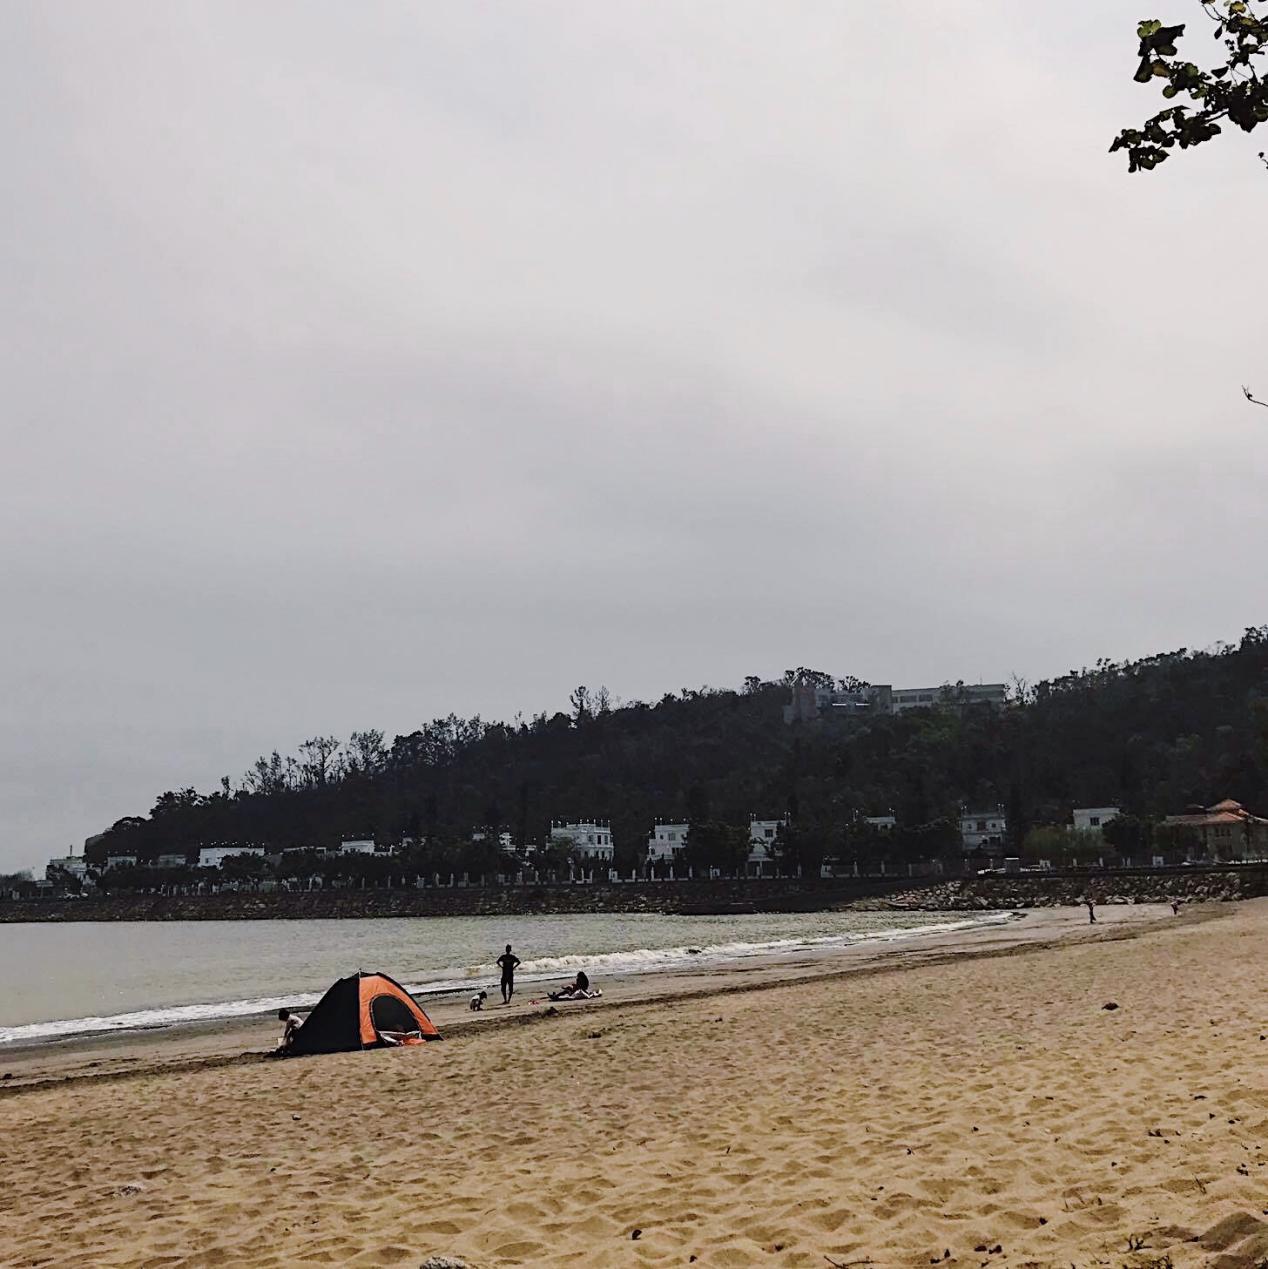 南京澳门滩露营记-黑沙v游记游记-攻略-去哪儿攻略澳门豆瓣攻略图片